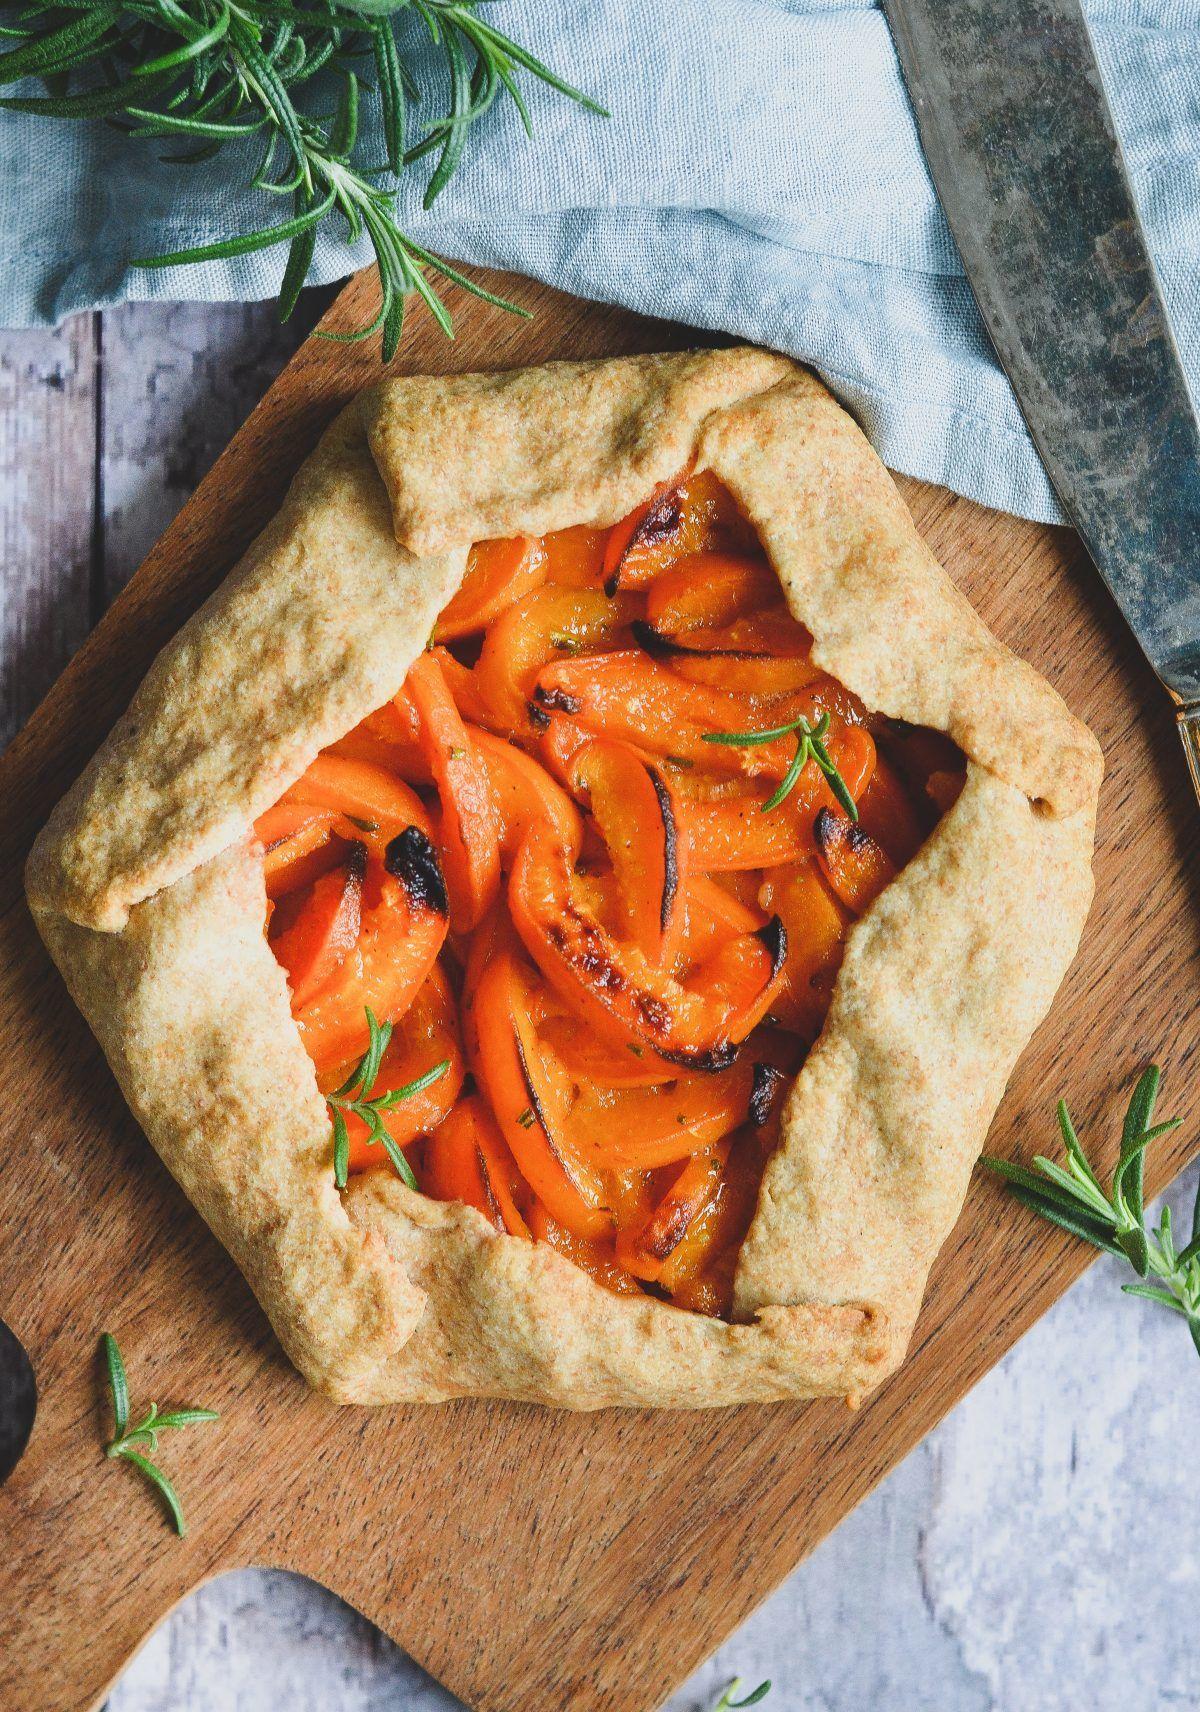 galette-med-abrikos-og-rosmarin-uden-tilsat-sukker